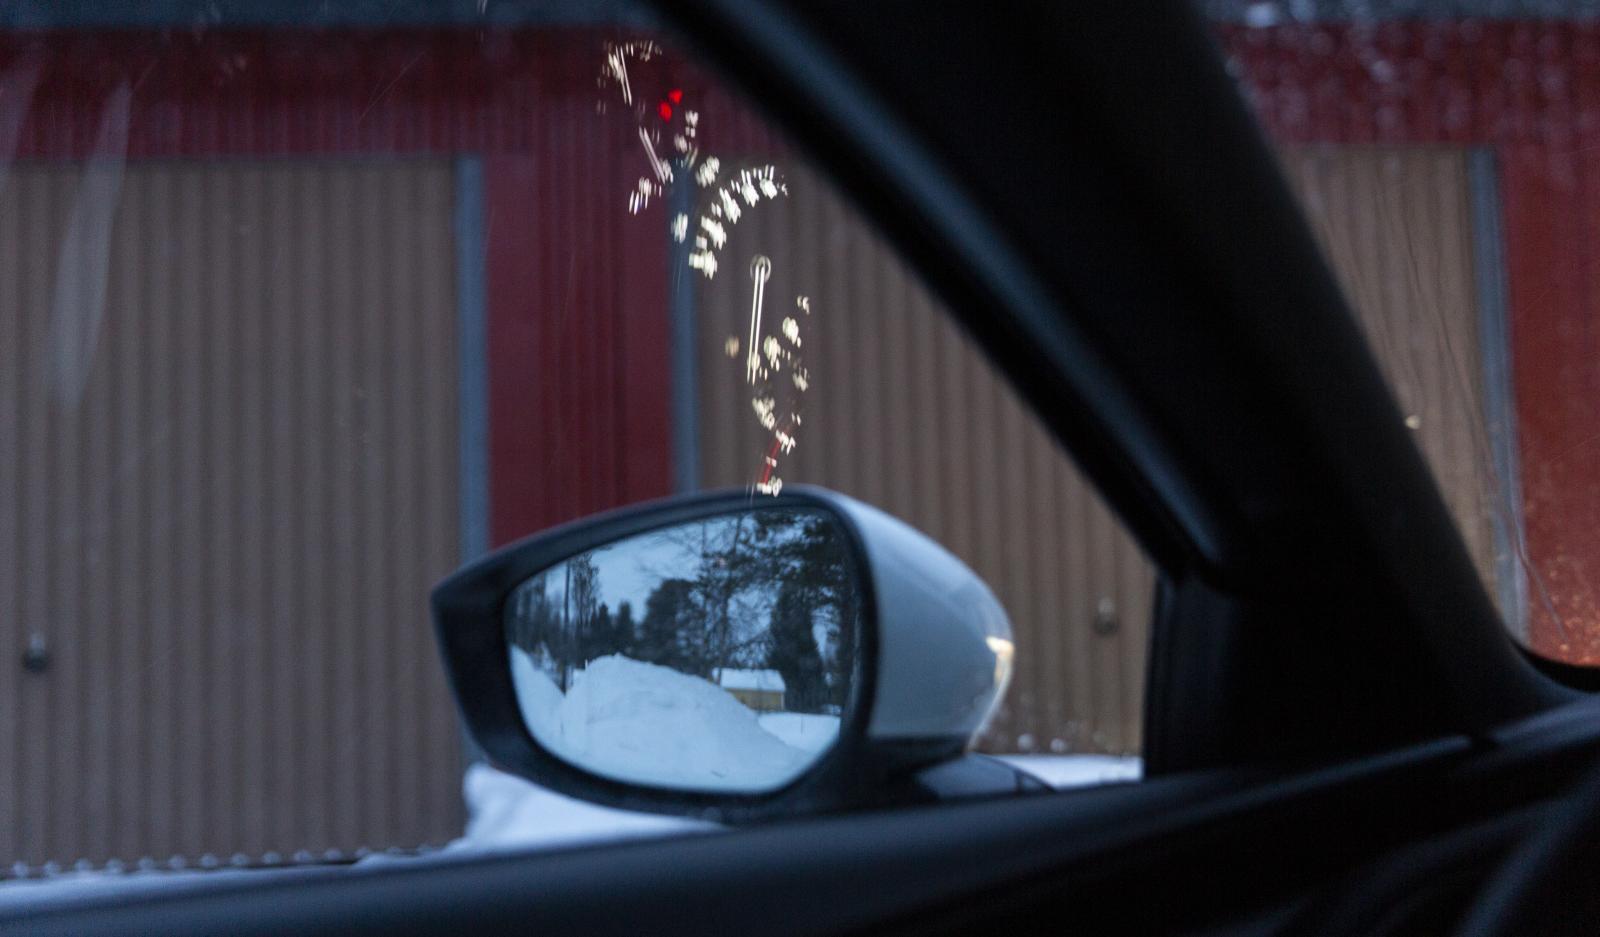 I Mazdas sidorutor speglas dessutom mätartavlornas sken och irriterar sikten. Samma fenomen finns i Toyota Corolla men inte i de övriga tre testbilarna.